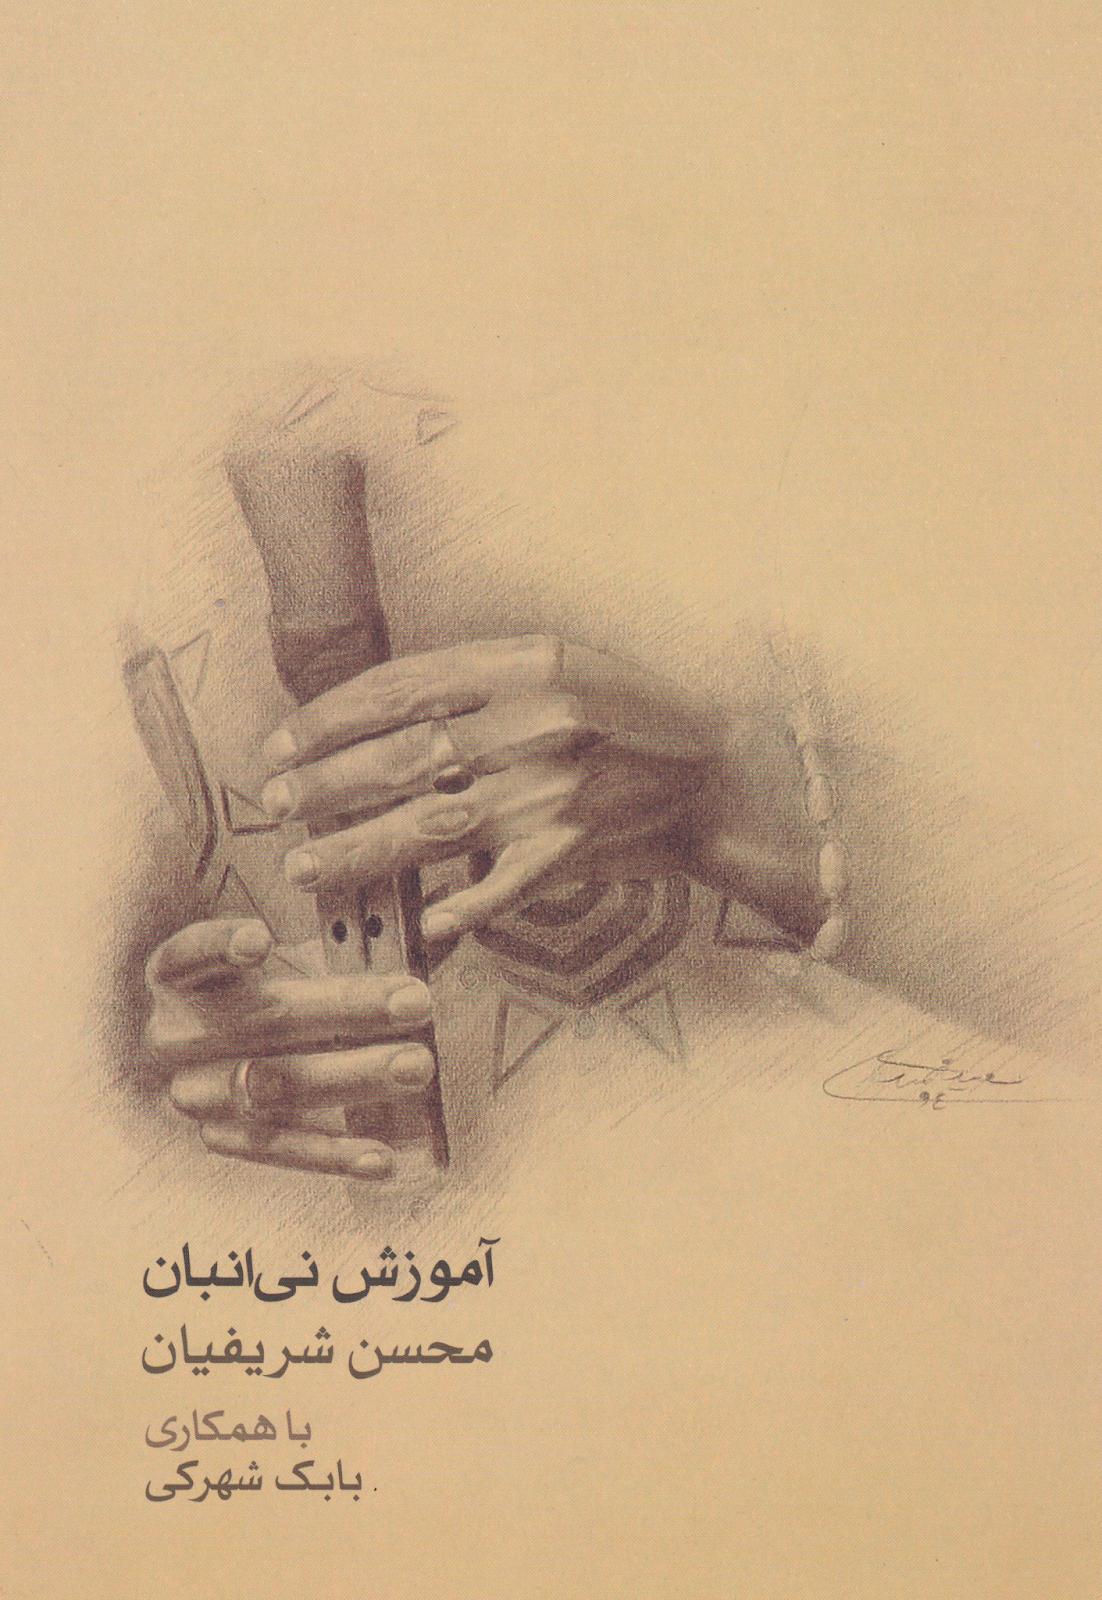 کتاب آموزش نیانبان محسن شریفیان انتشارات ماهور